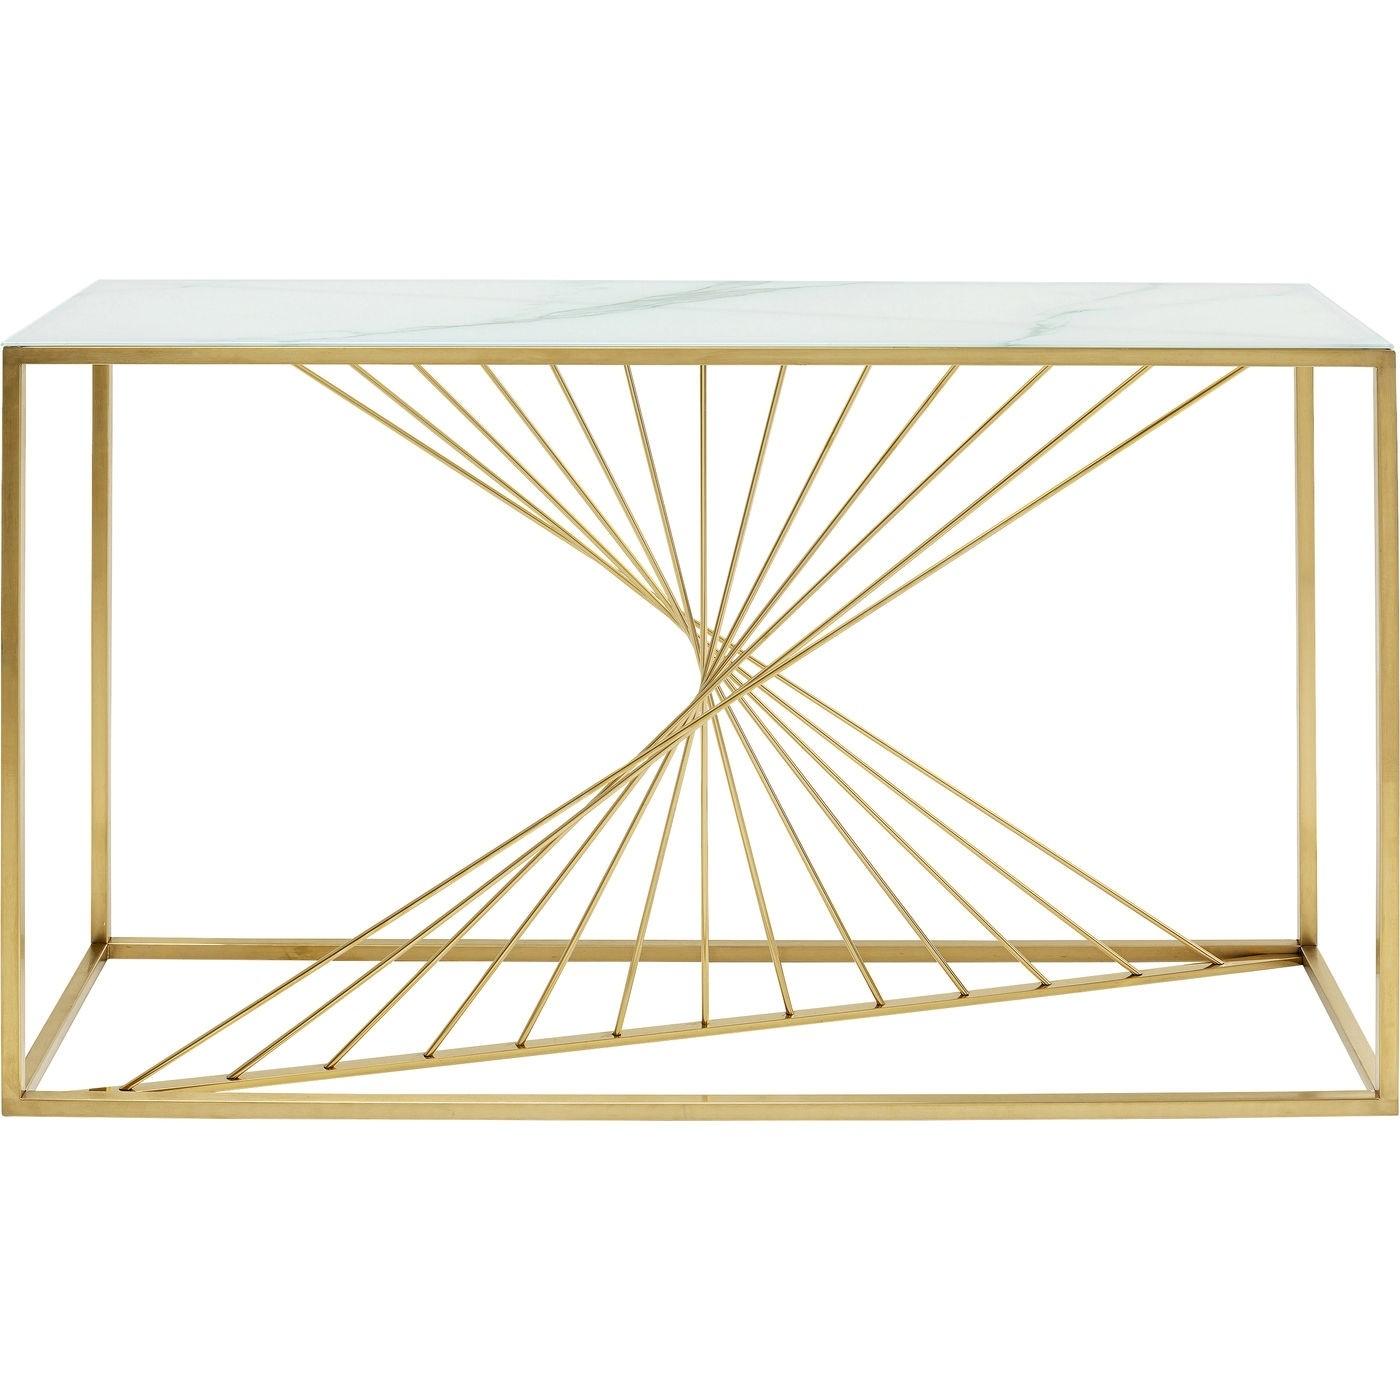 KARE DESIGN rektangulær Art Marble konsolbord - glas og stål (142x42)